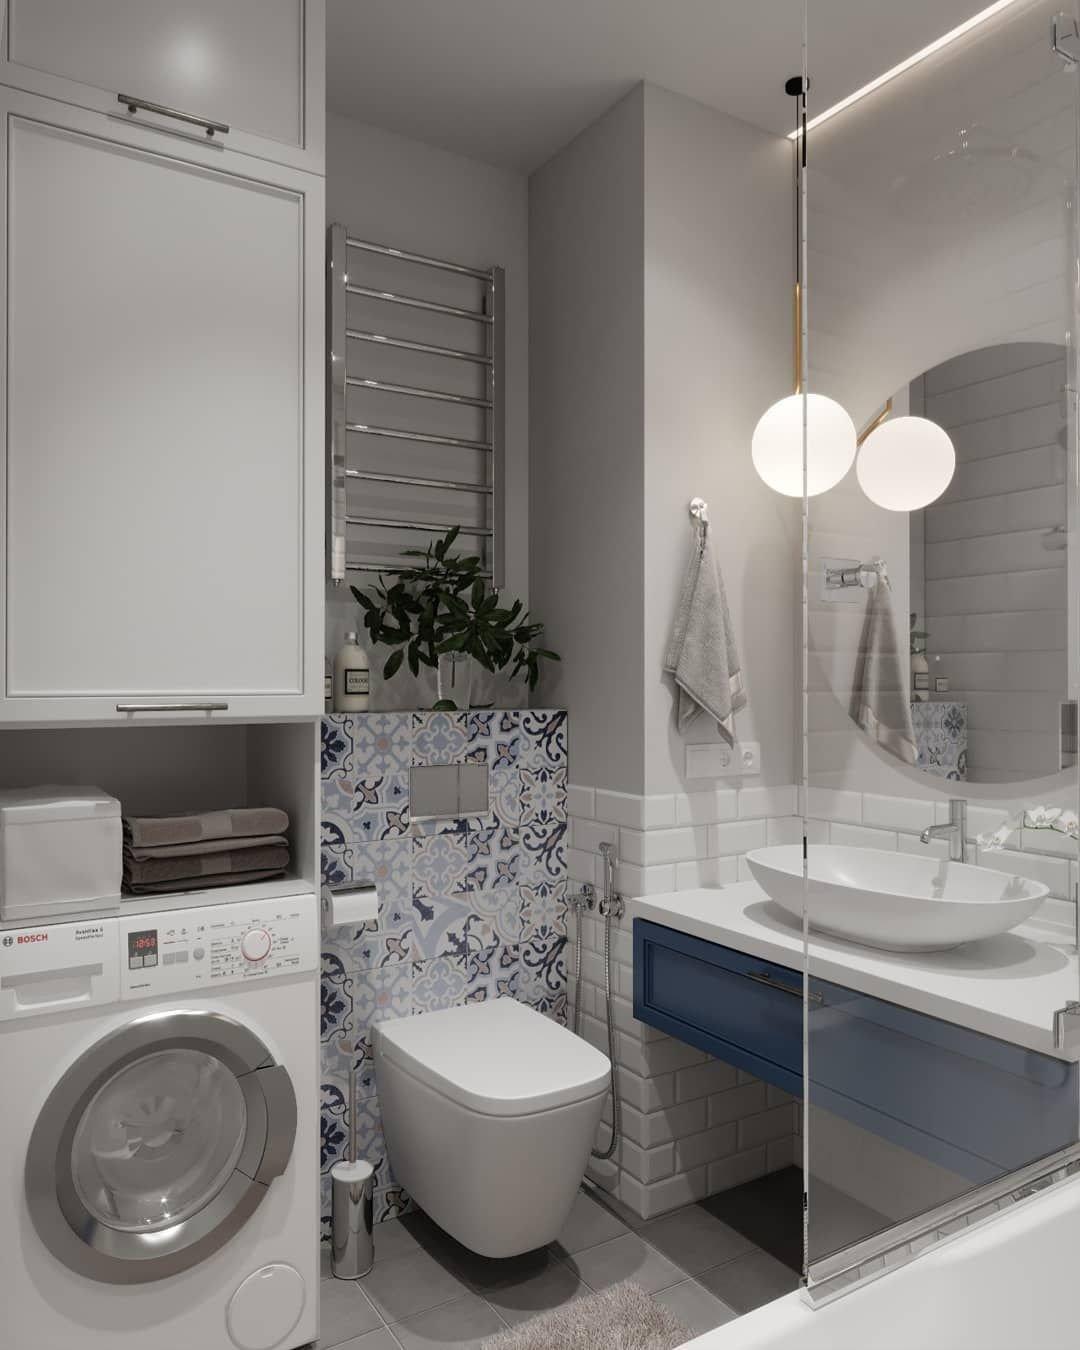 У всех домовладельцев есть выбор в отношении сантехники и раковин